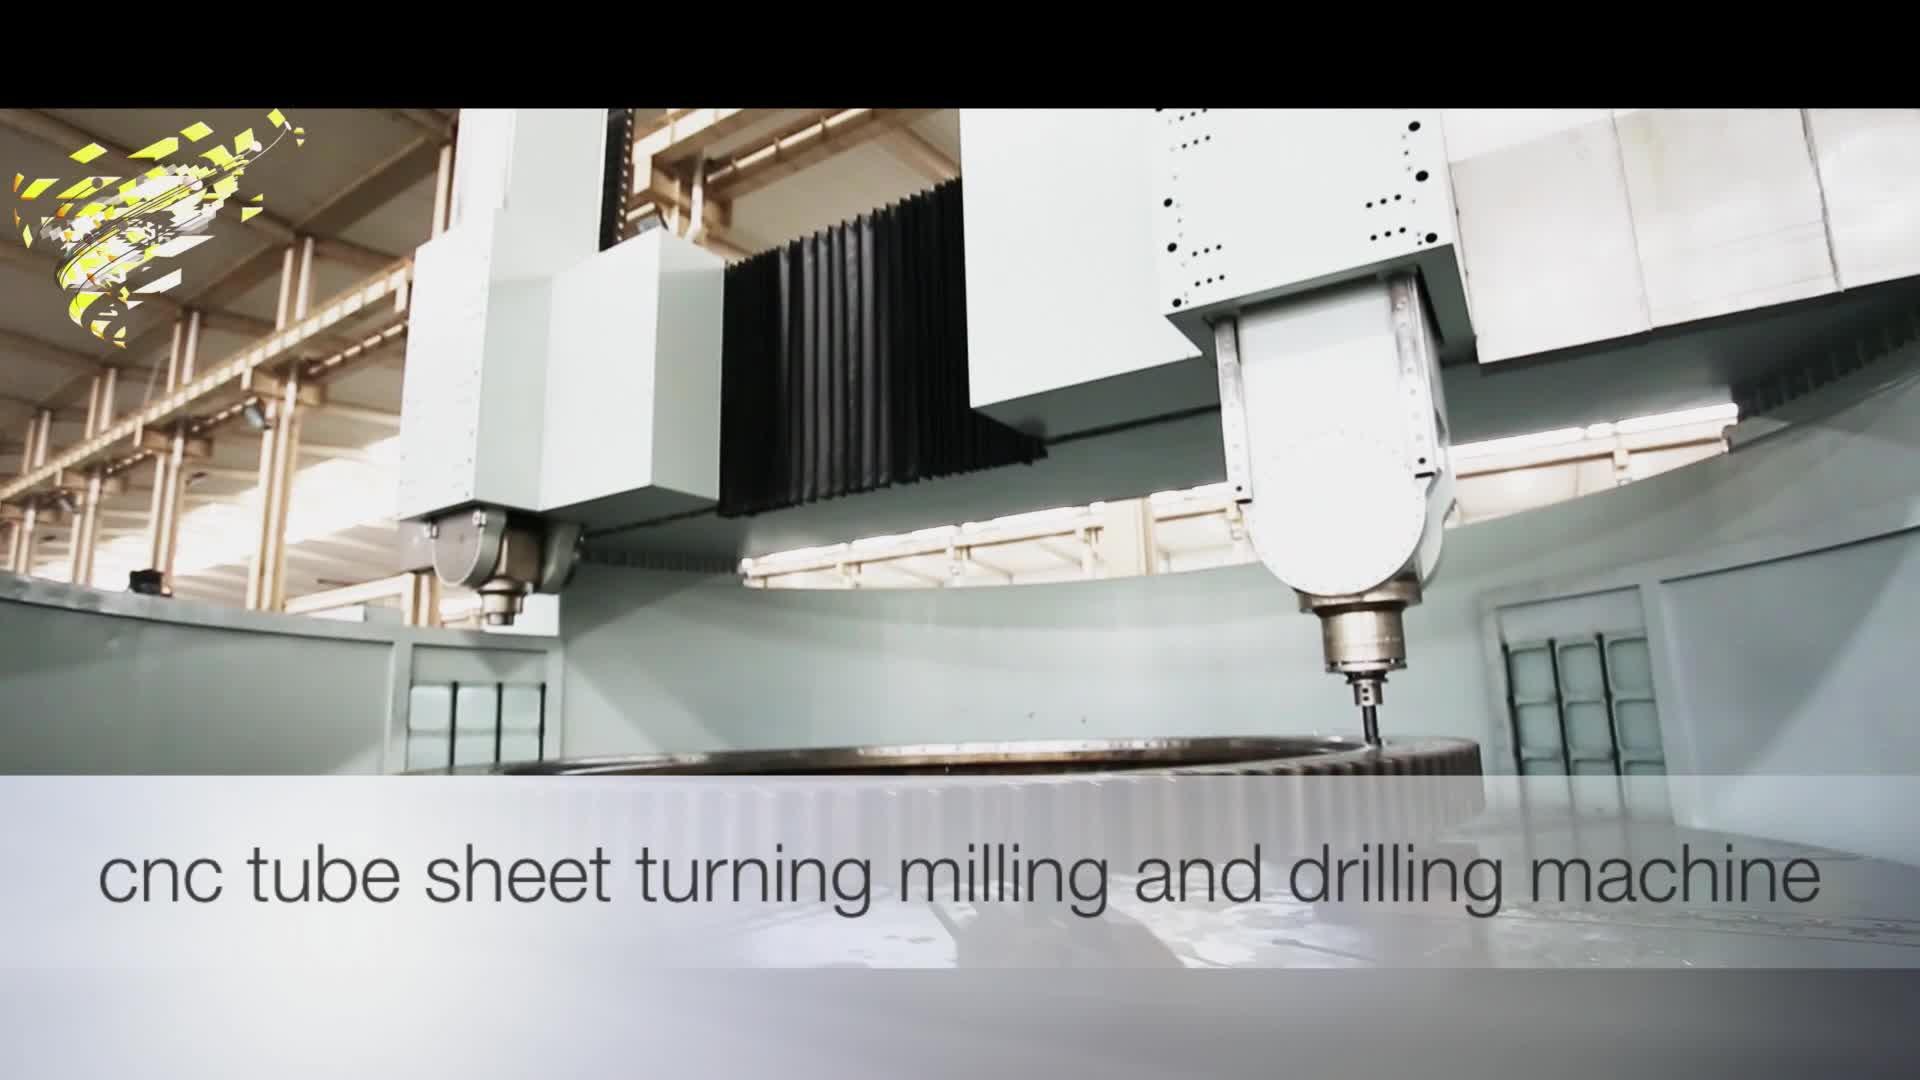 Grote schaal cnc mill en turn cnc machine voor frezen en draaien